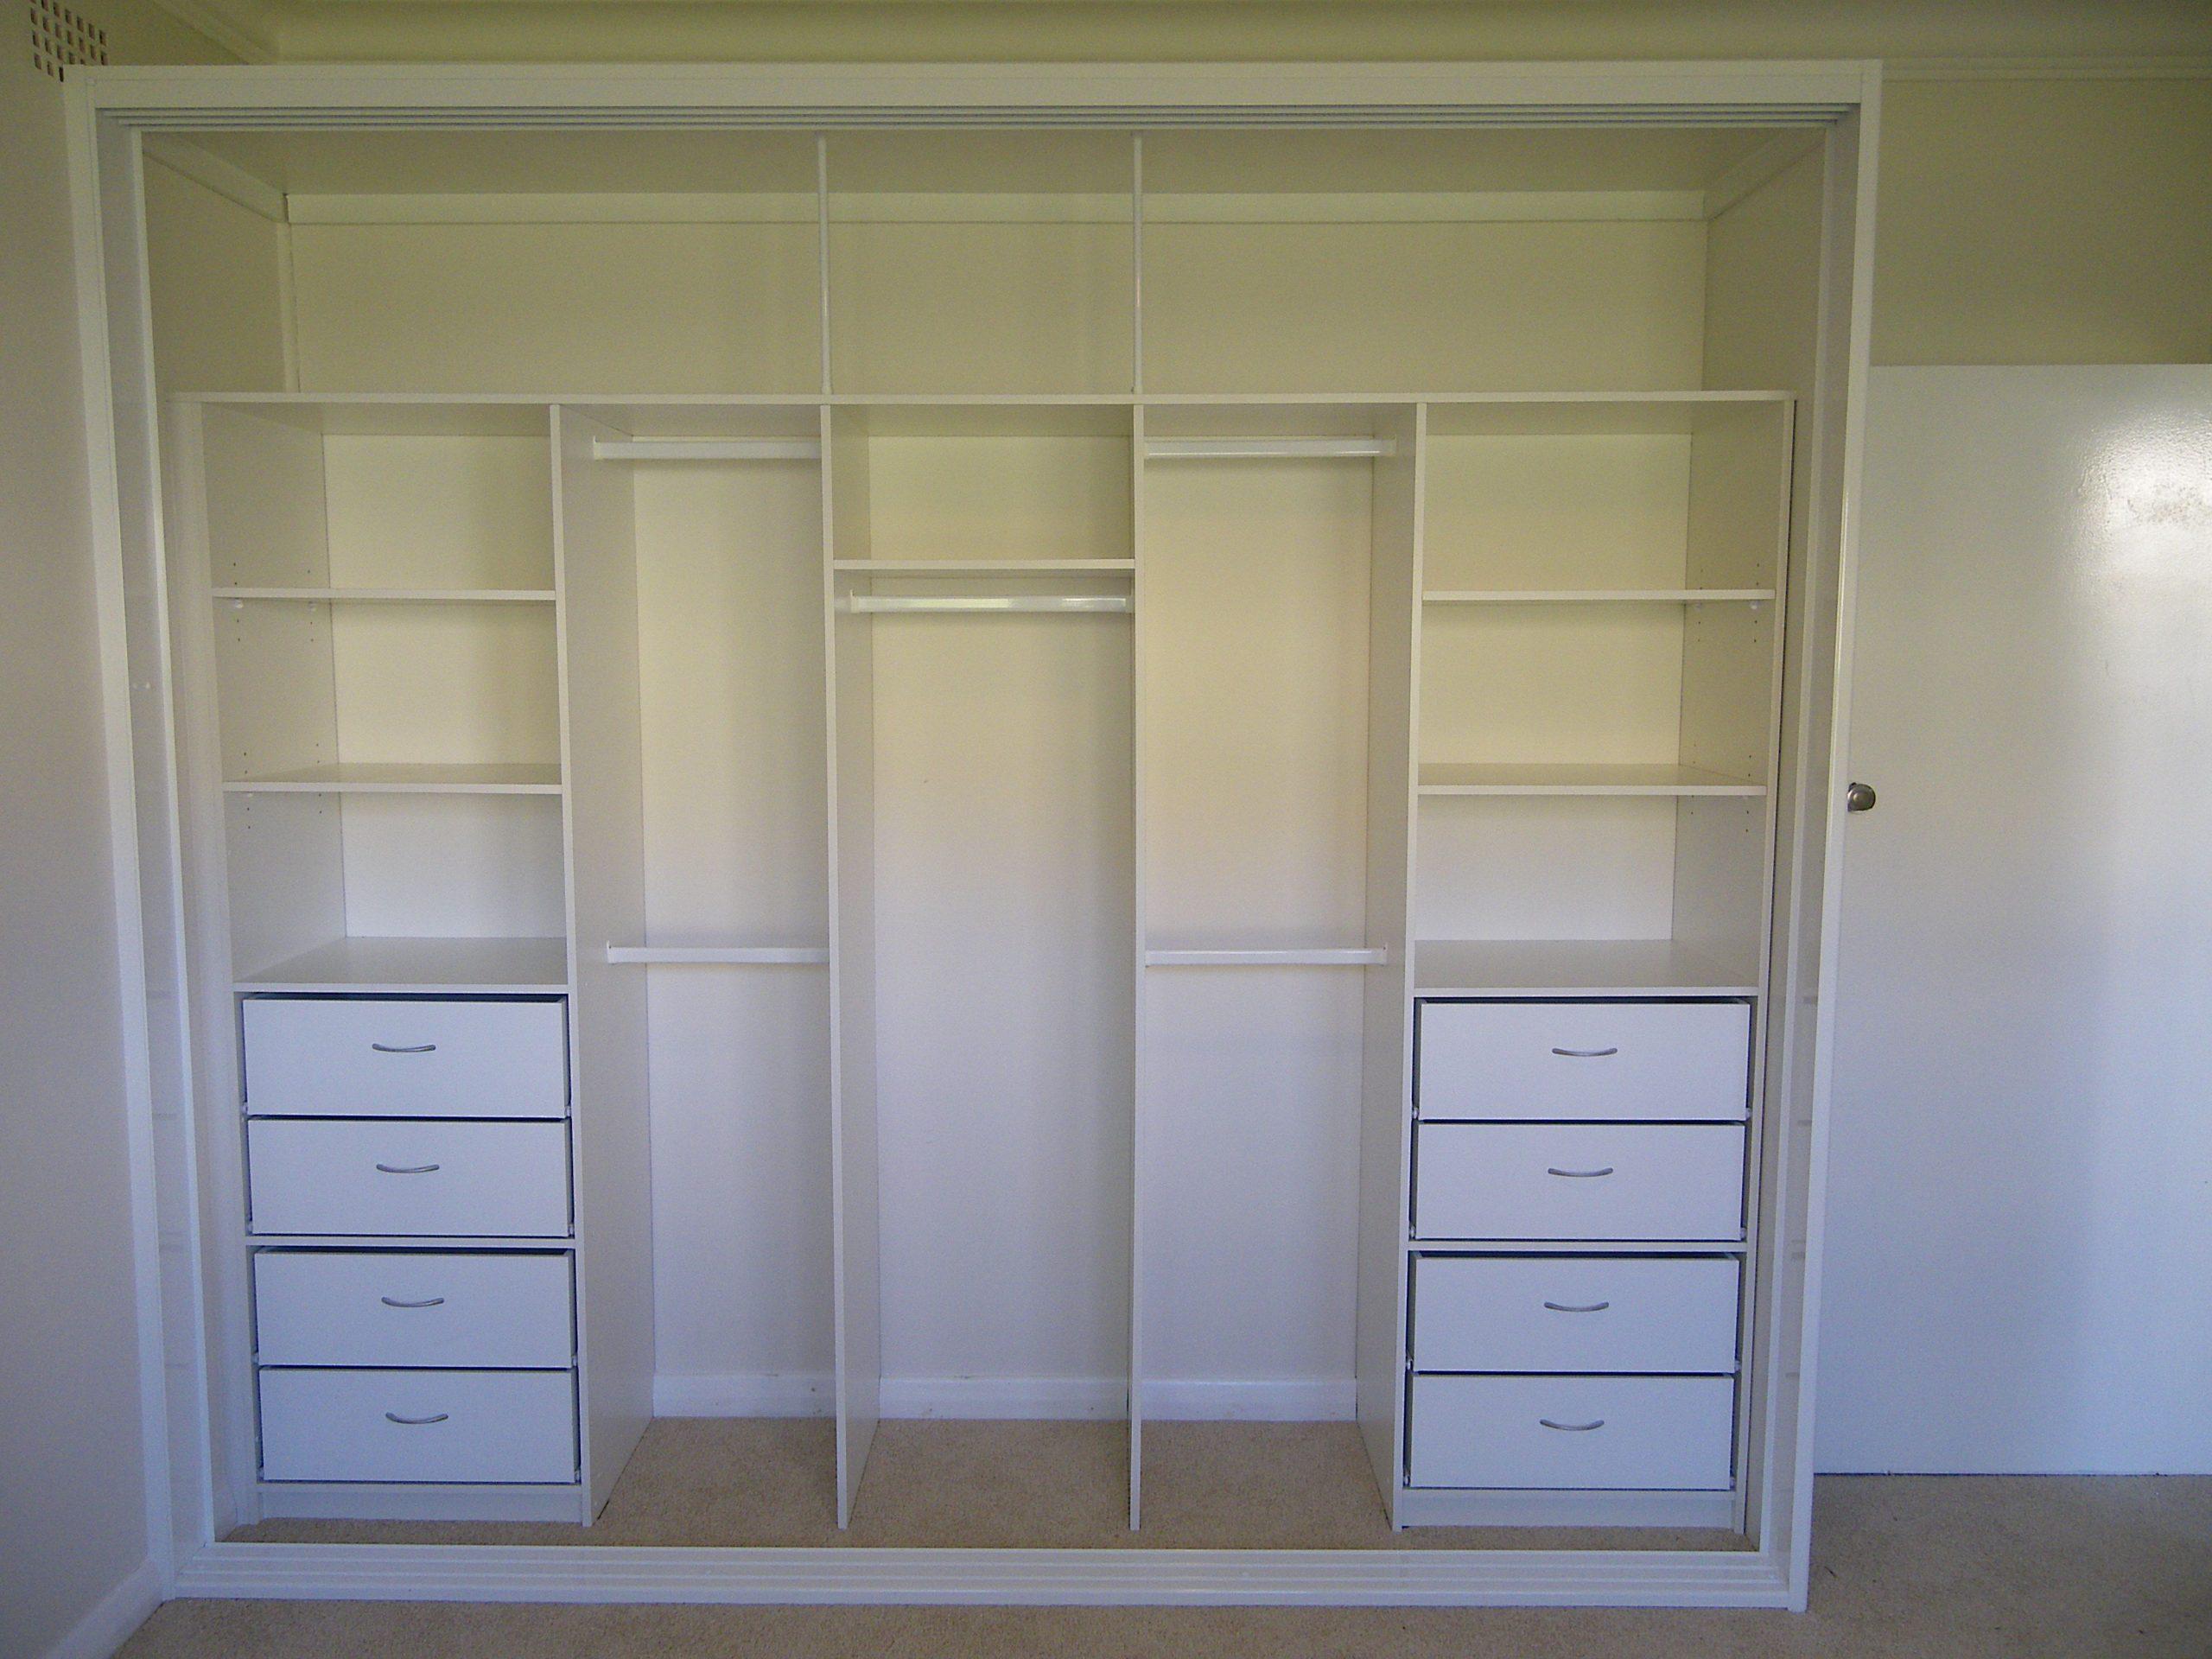 Шкаф своими руками — пошаговая инструкция, фото, схемы, размеры, новинки дизайна